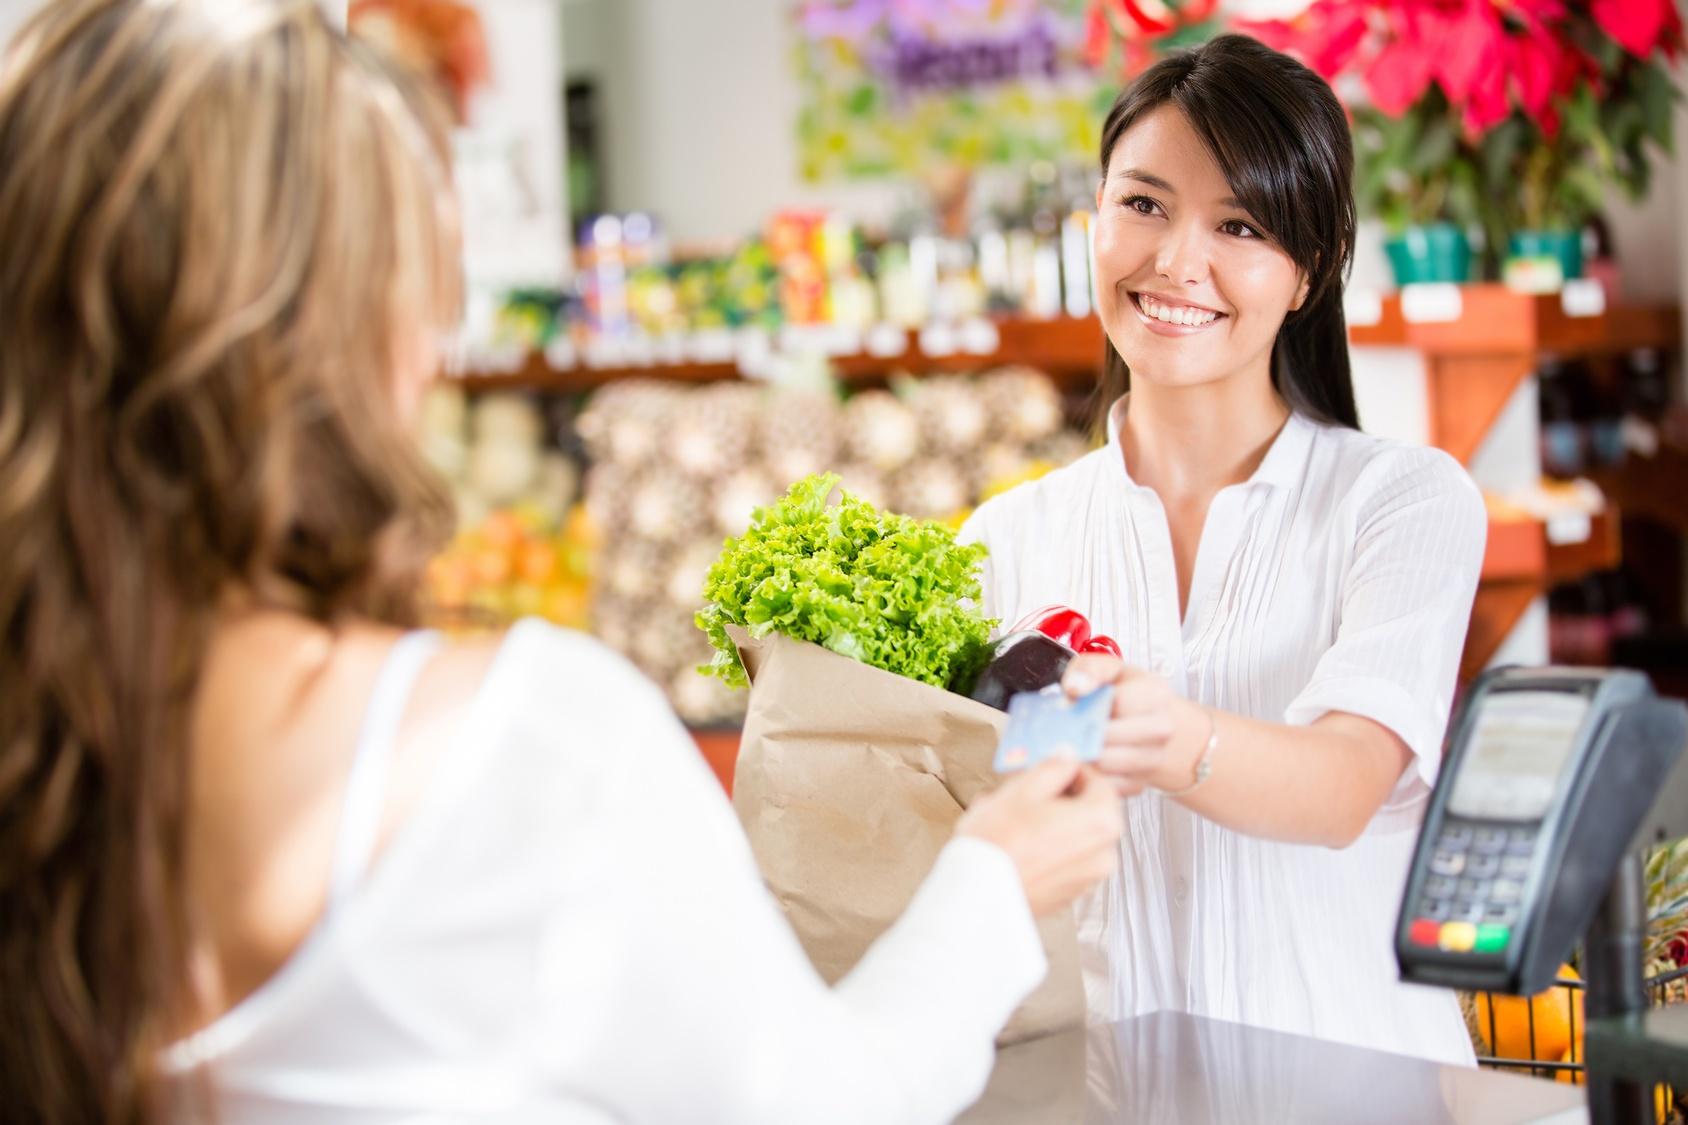 Retail-POS-5.jpg